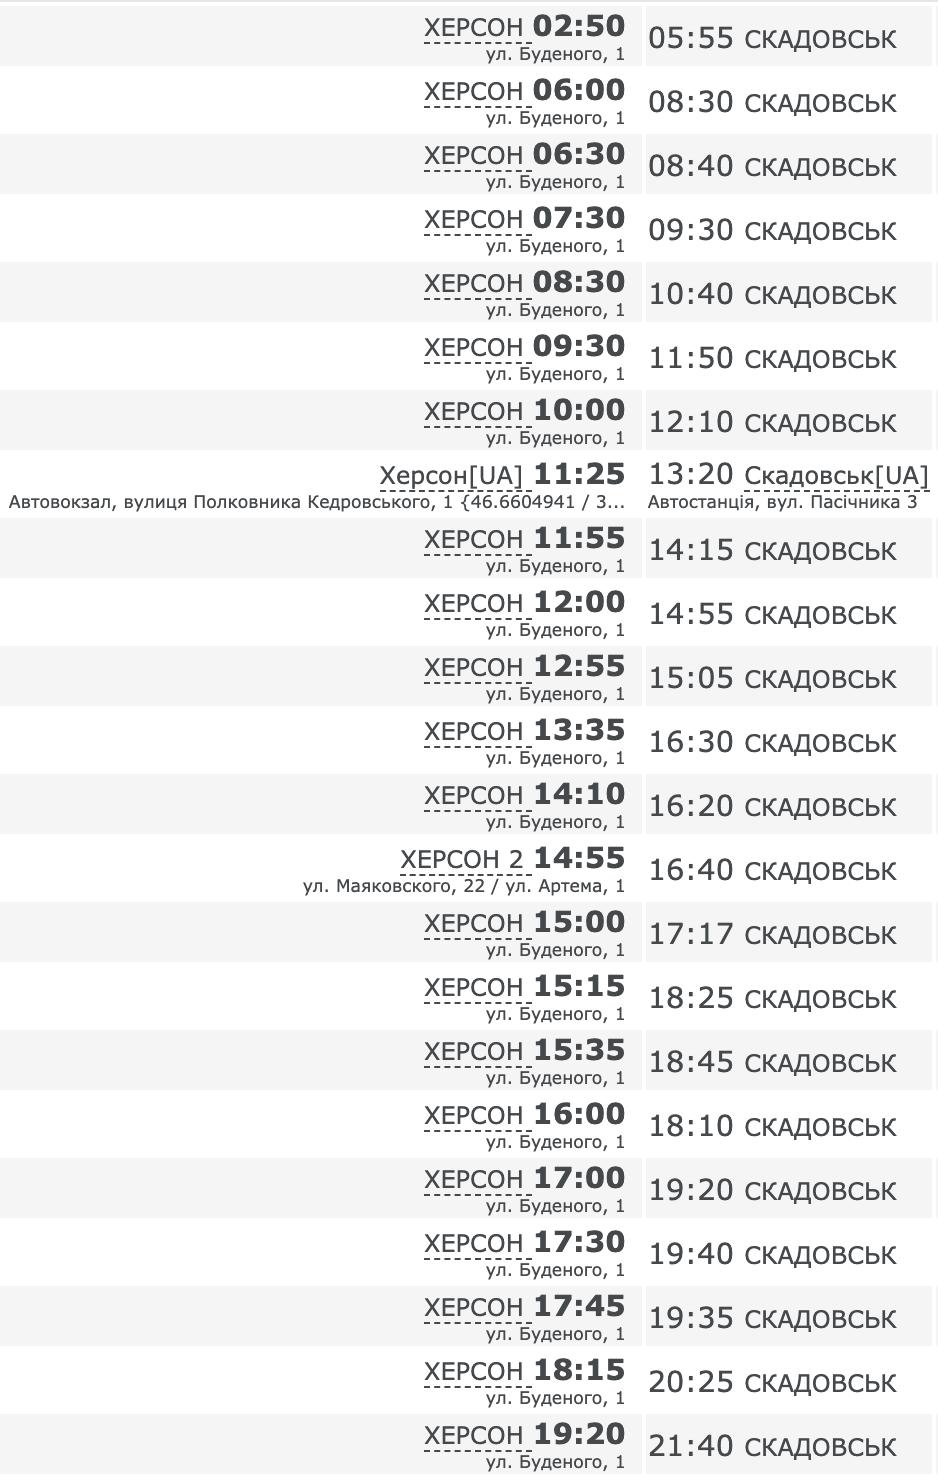 Как добраться в Скадовск на автобусе из Херсона. Расписание